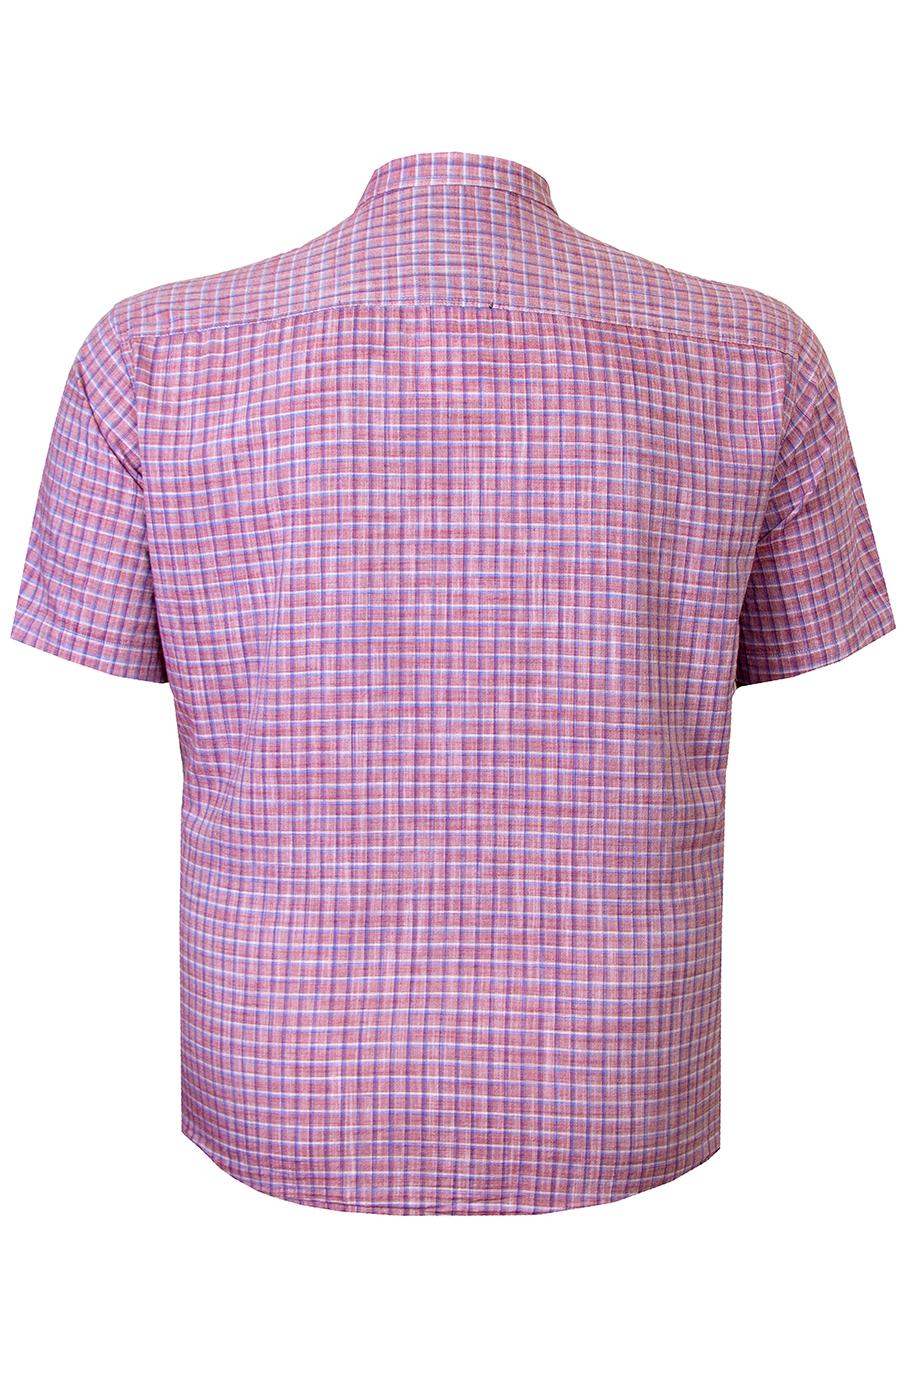 202c3db35072 Мужская льняная рубашка большого размера в интернет магазине Большие ...